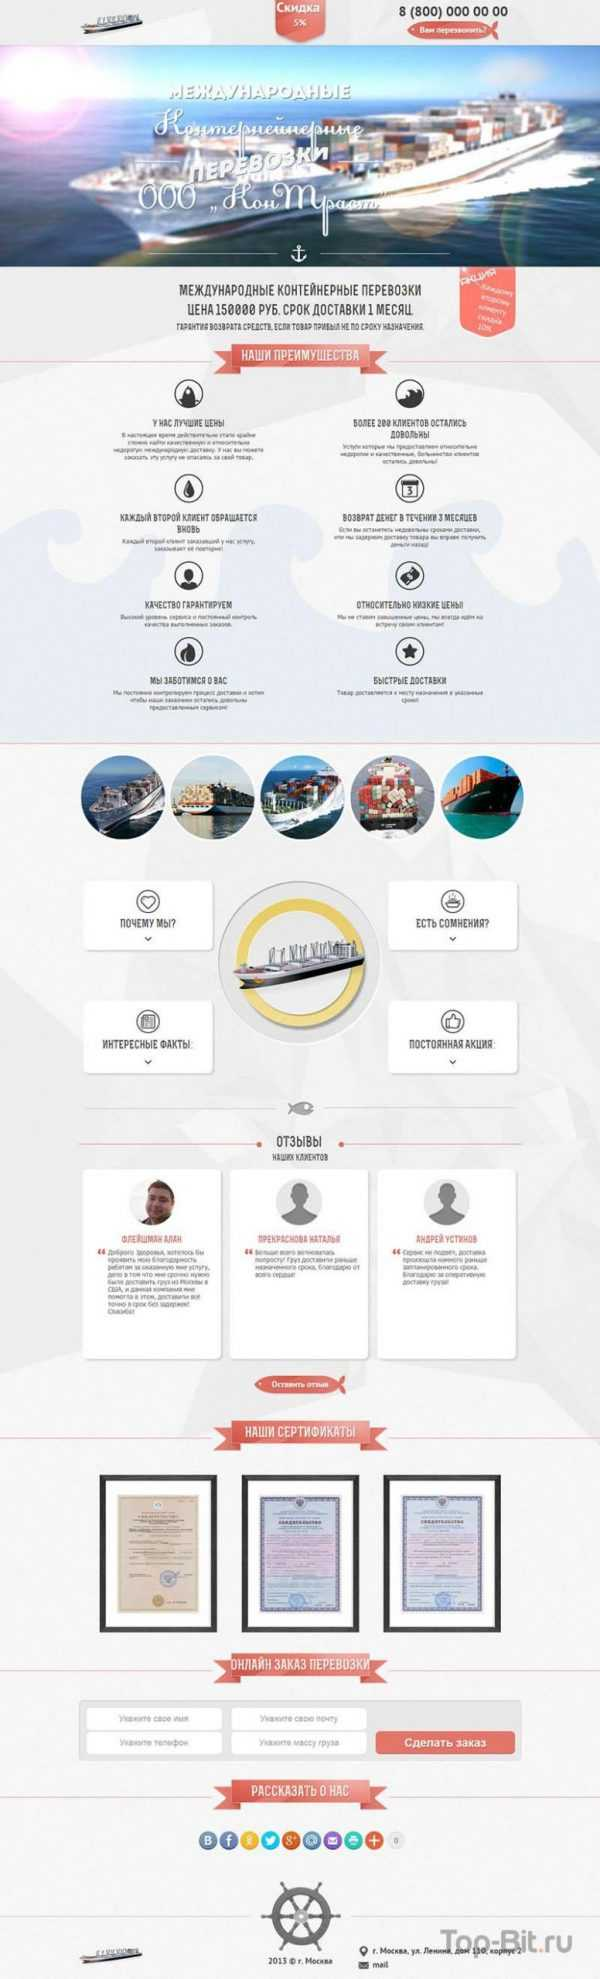 купить Landing Page услуг международных контейнерных перевозок